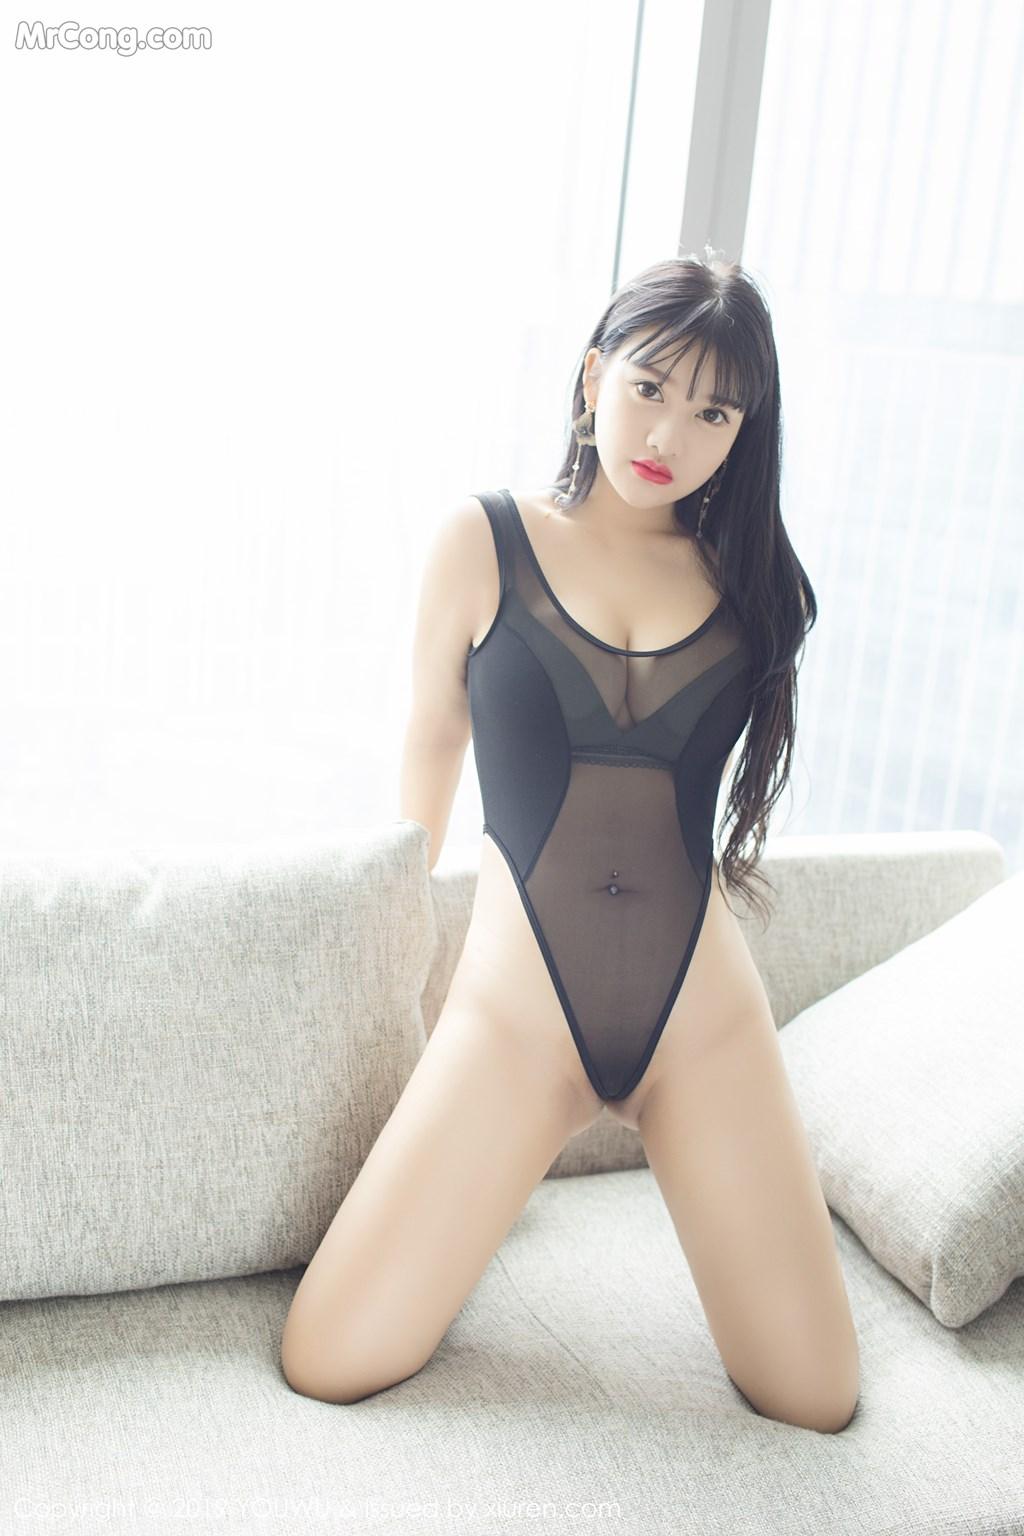 Image YouWu-Vol.138-Xiao-You-Nai-MrCong.com-007 in post YouWu Vol.138: Xiao You Nai (小尤奈) (60 ảnh)